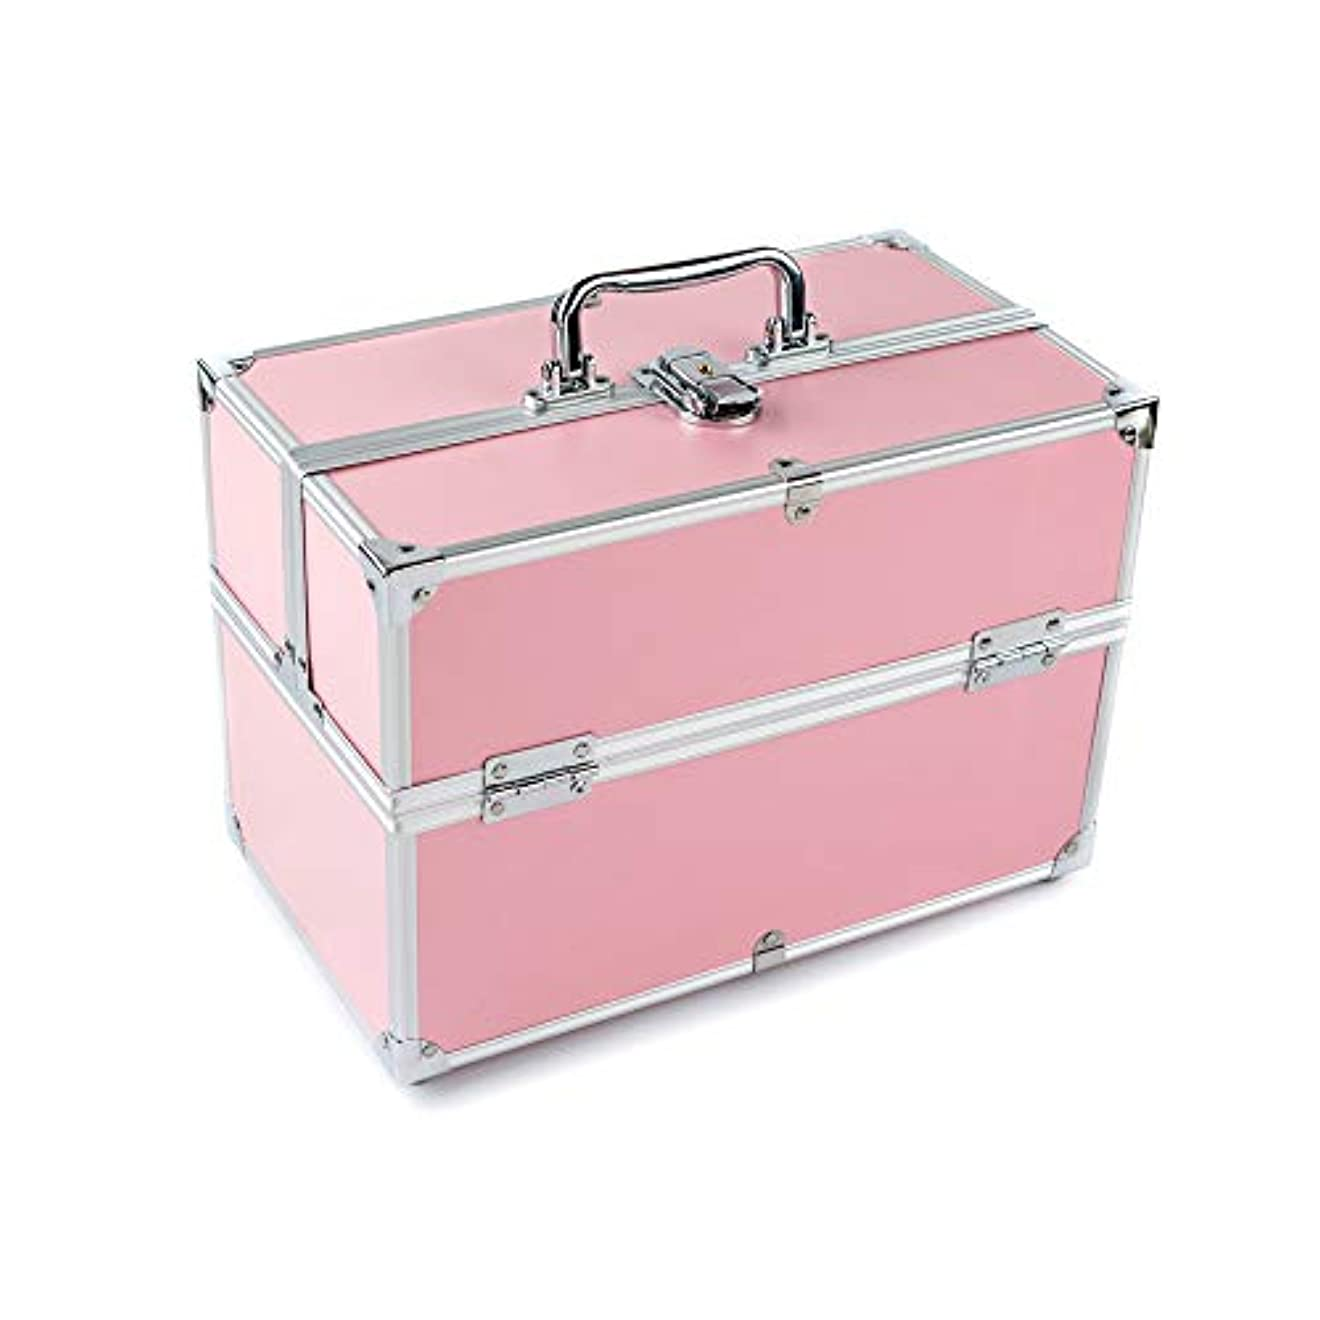 節約に付けるつま先化粧オーガナイザーバッグ 大容量ポータブル両面耐火ボード旅行の化粧品美容メイクアップ化粧ケースの折り畳みトレイ 化粧品ケース